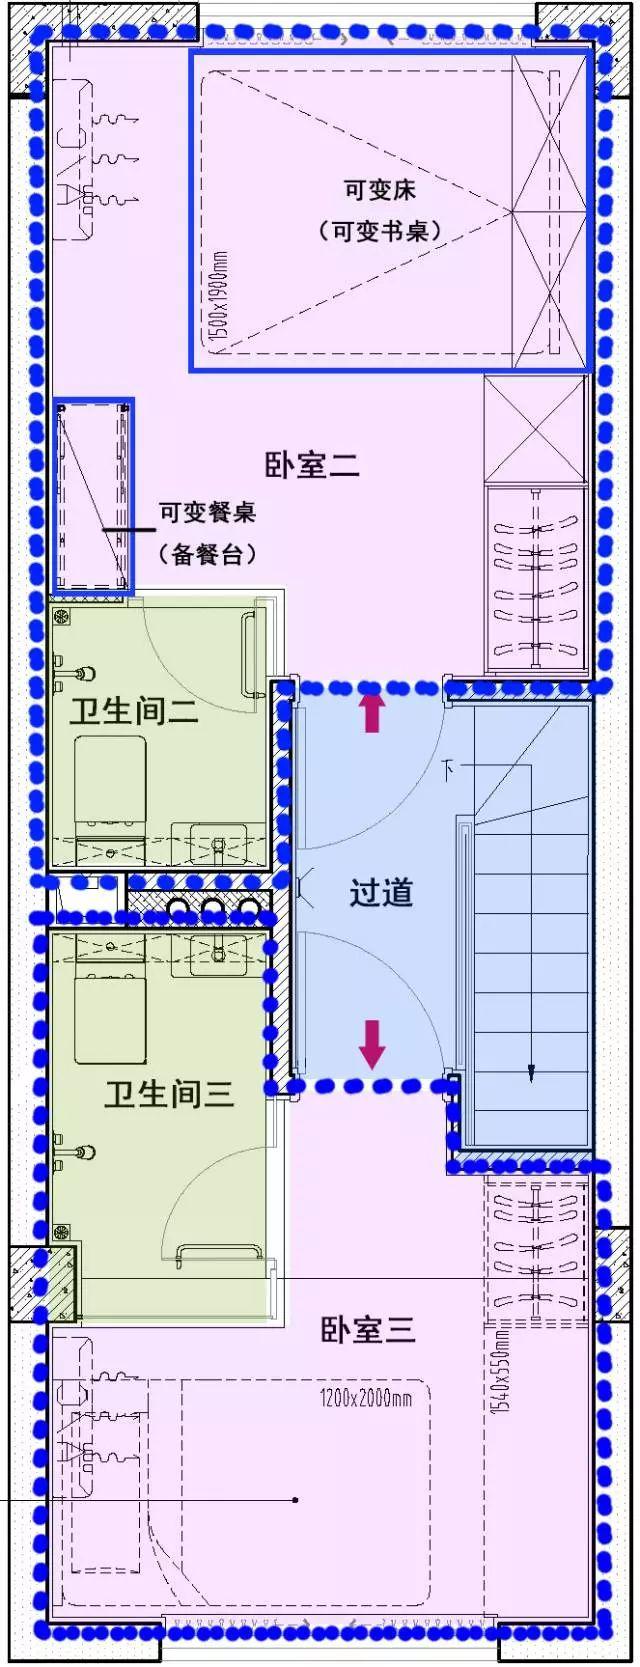 [干货]28㎡小户型3房3卫,设计师开挂了?_3